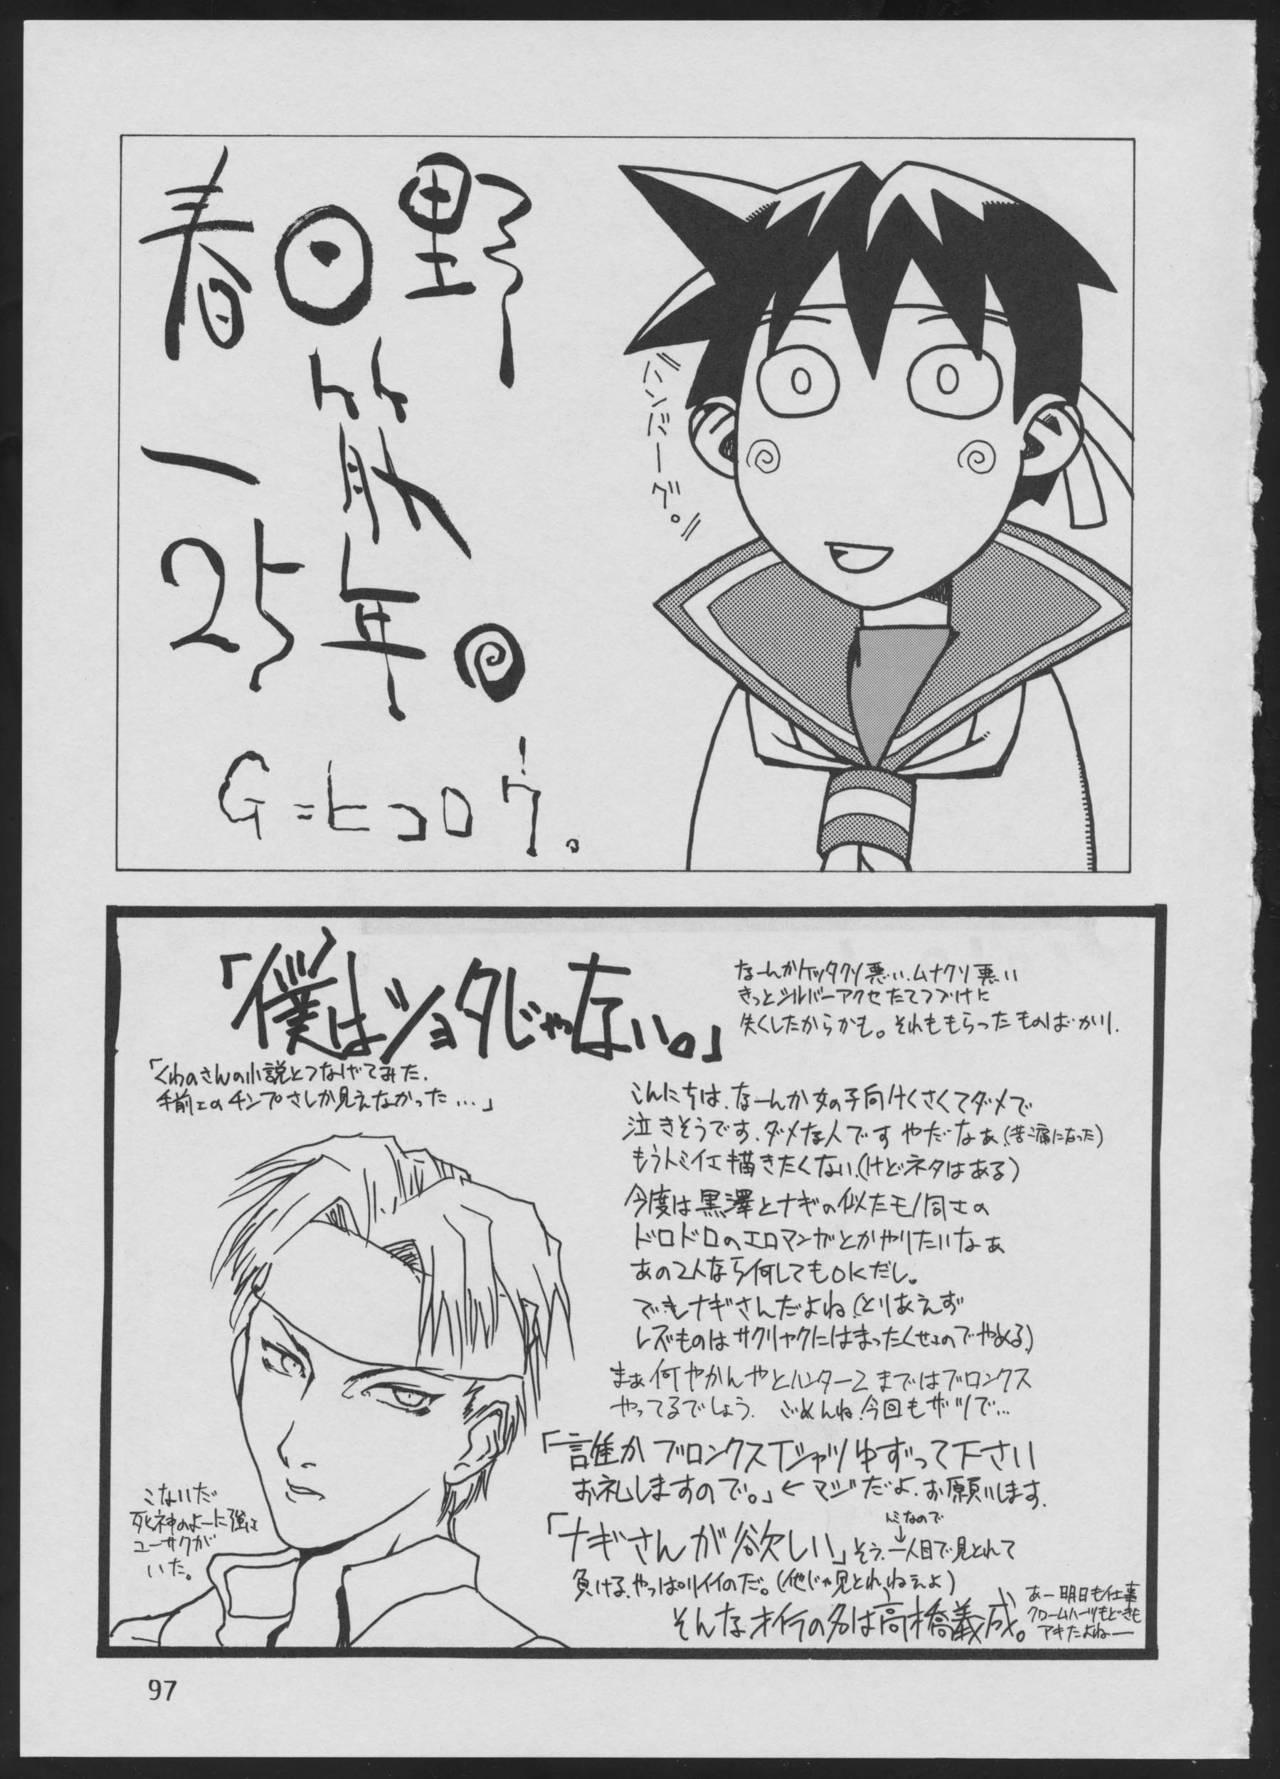 '96 Natsu no Game 18-kin Special 96